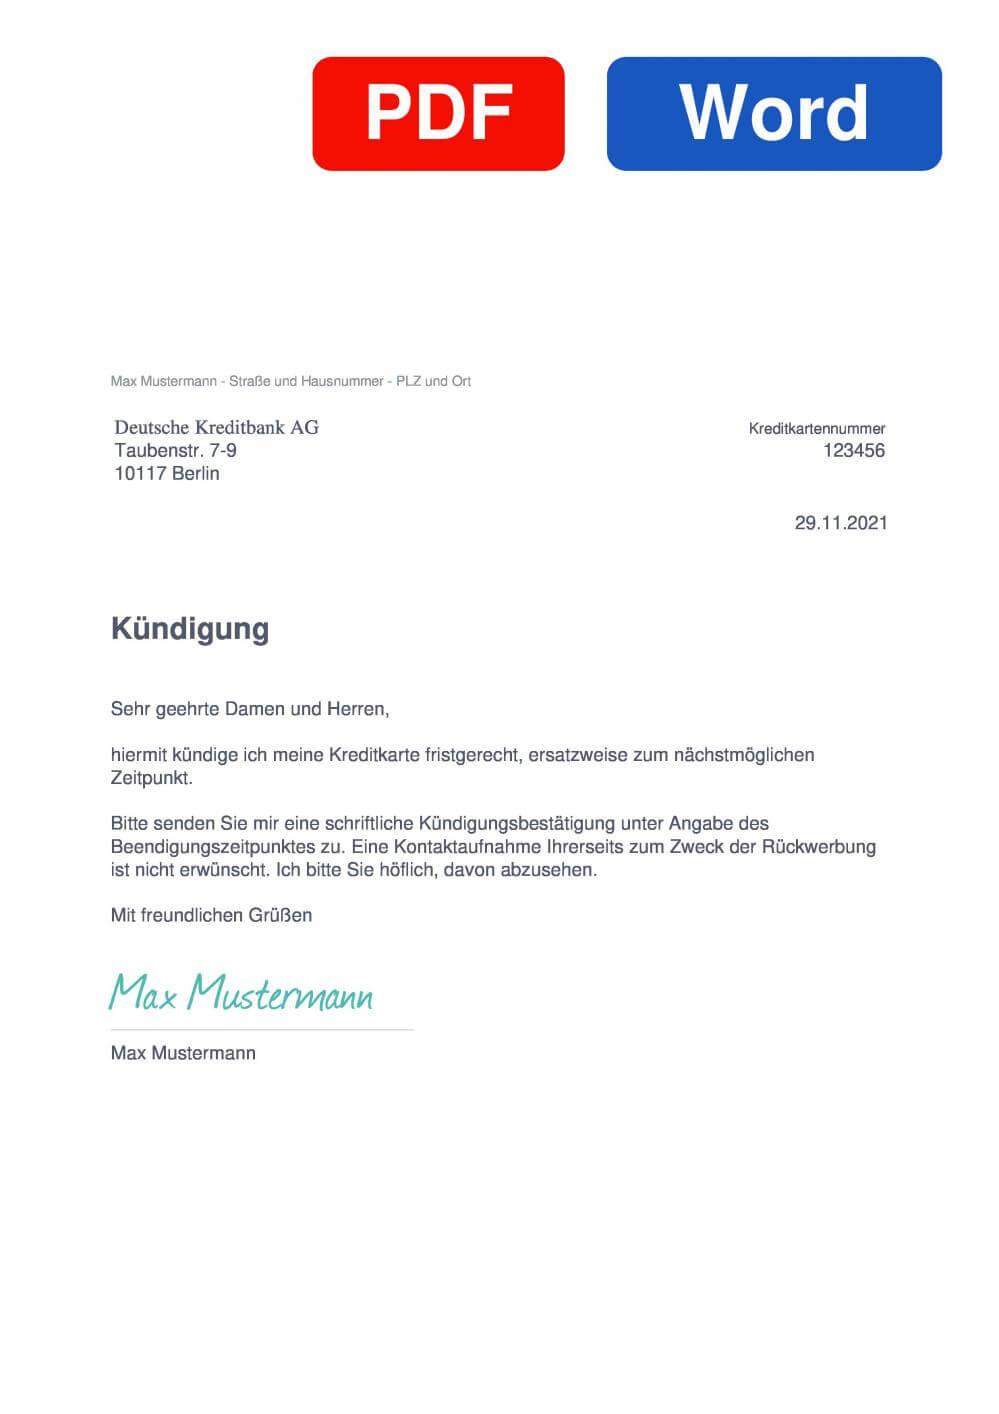 DKB Visa Muster Vorlage für Kündigungsschreiben